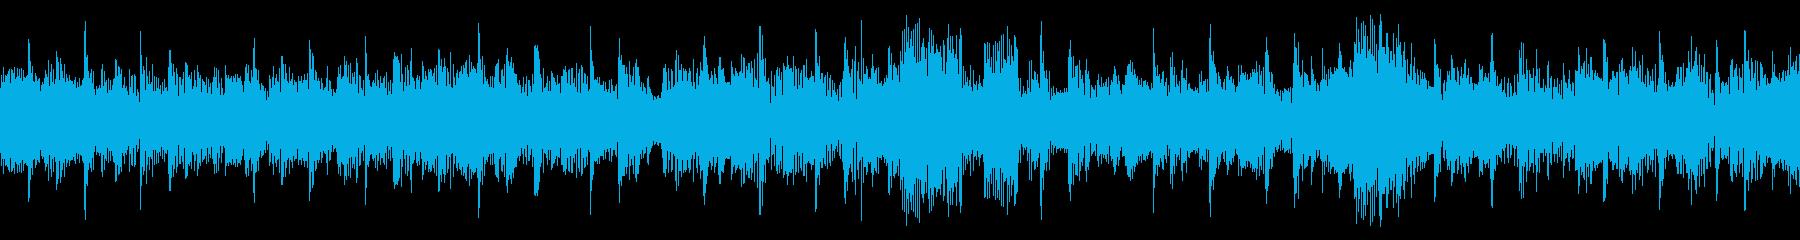 クールな4つ打ちエレクトロニカの再生済みの波形